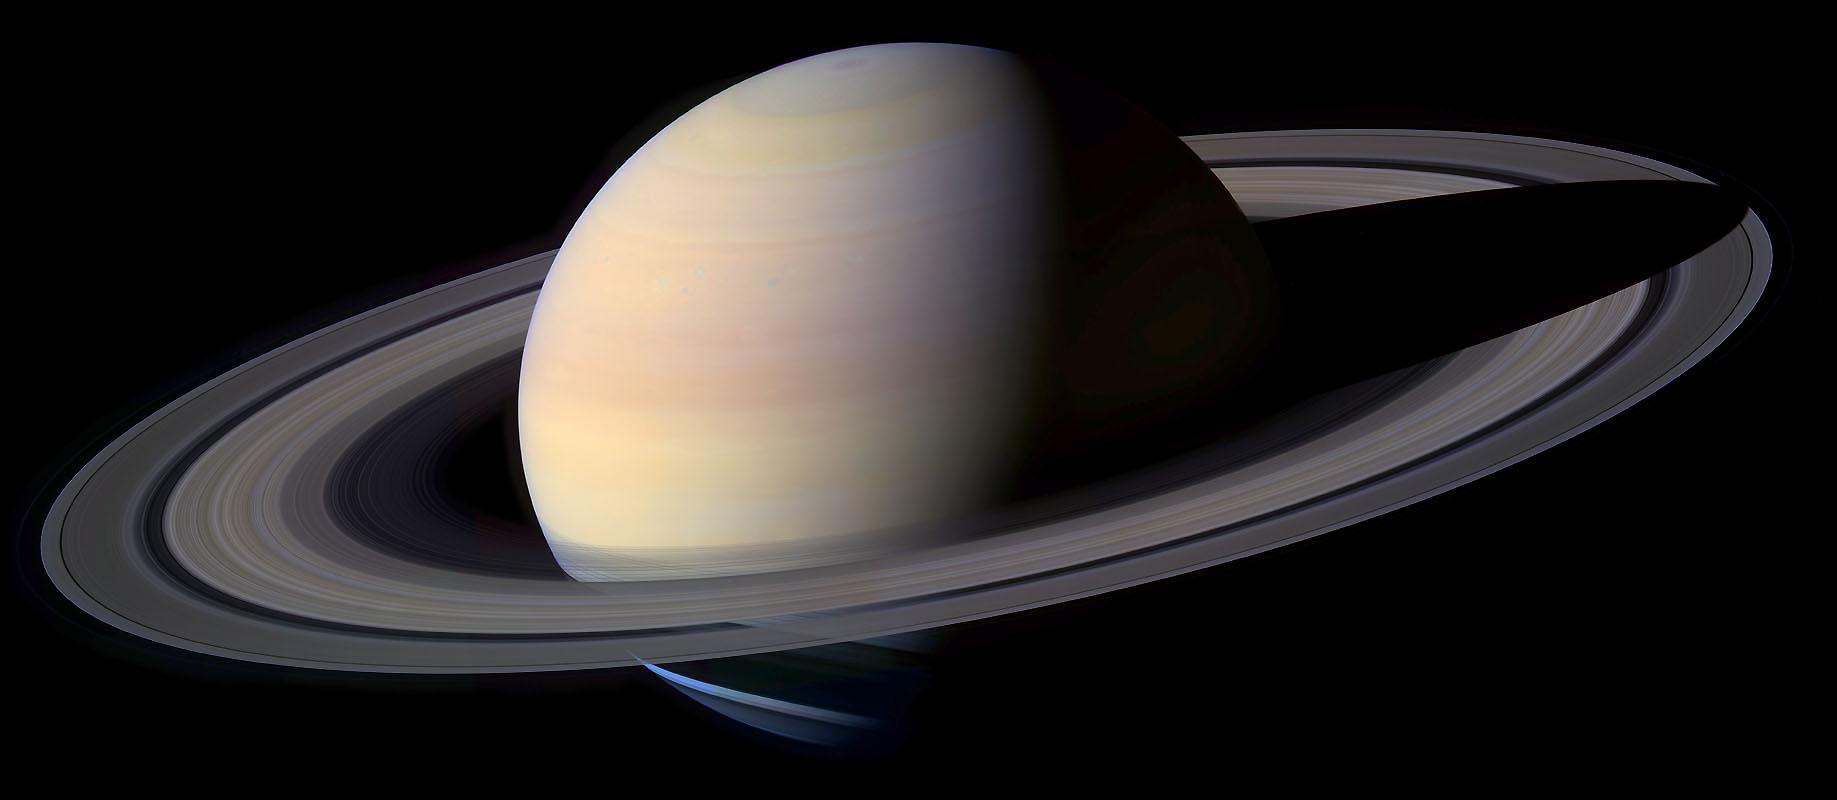 Fotografia di Saturno, pianeta su cui Giandomenico Cassini ha compiuto approfonditi e fruttuosi studi